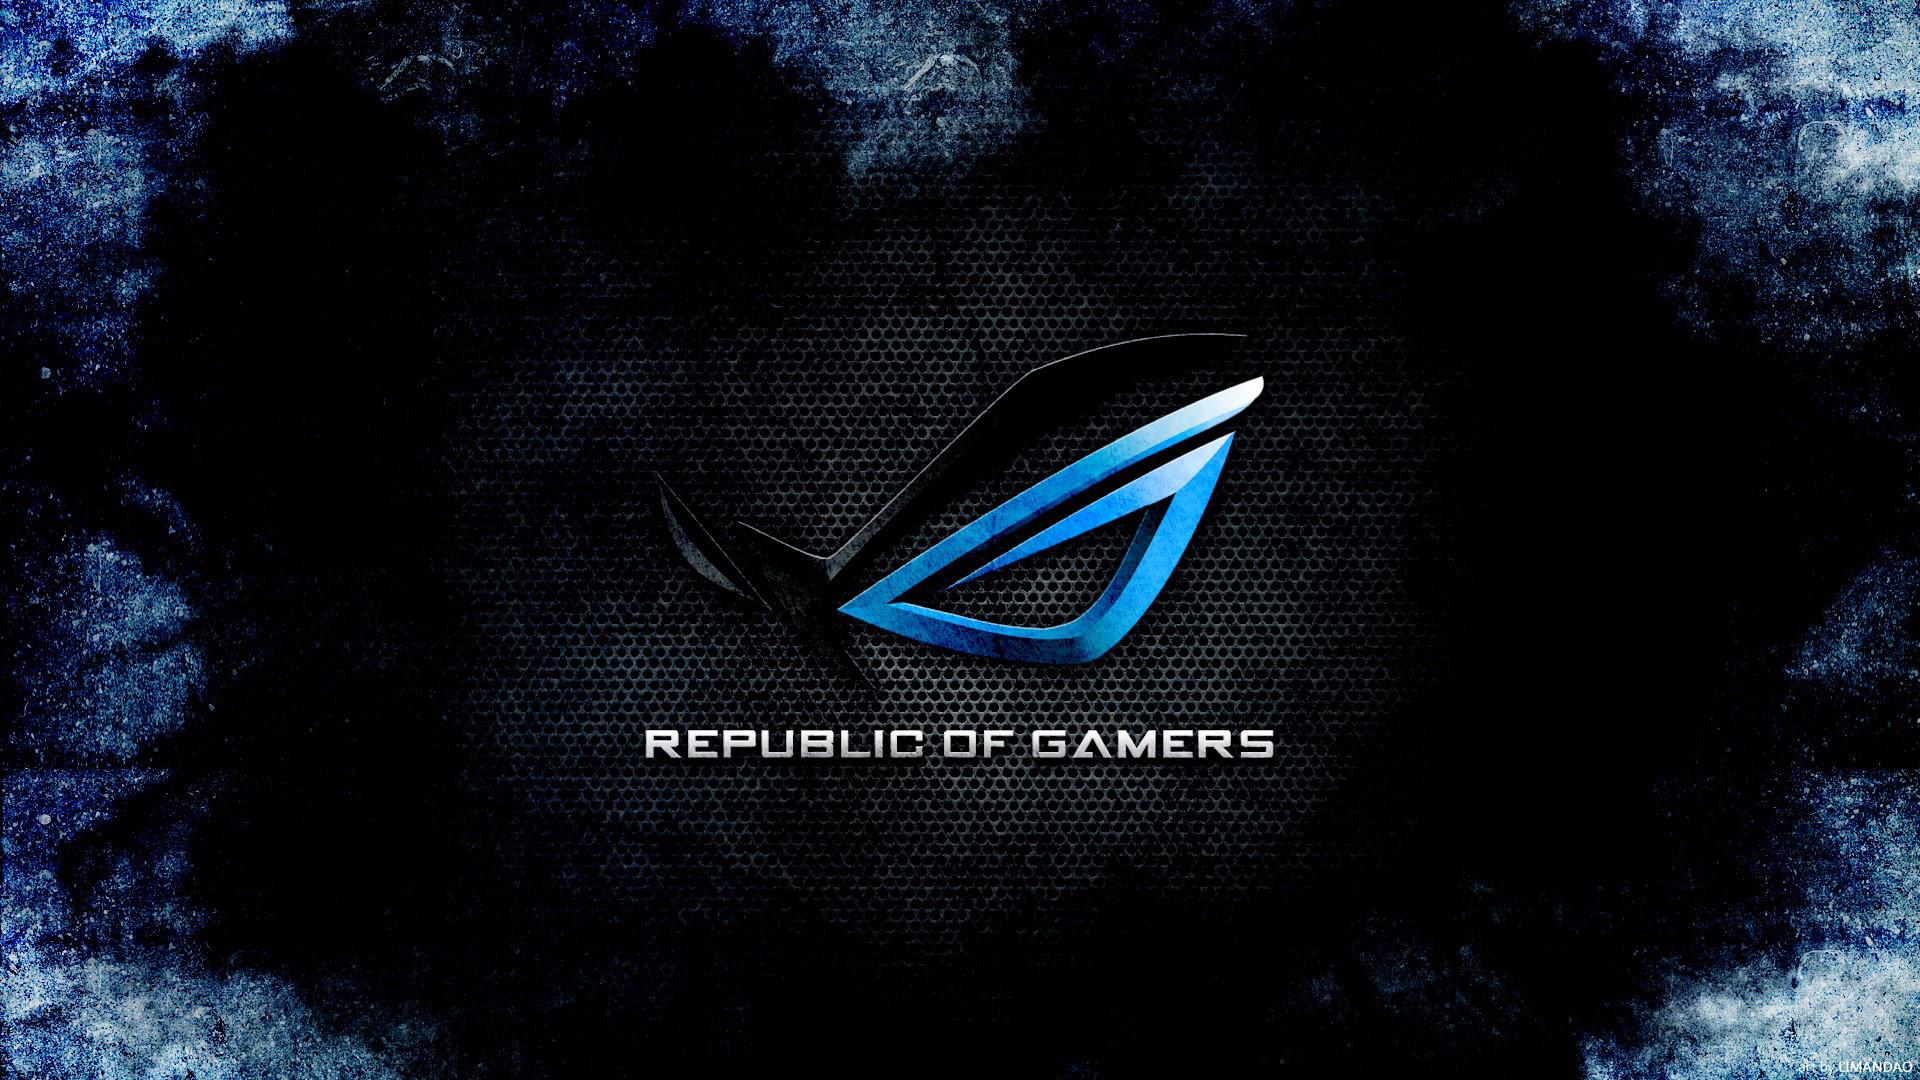 Gaming Wallpaper Hd >> Asus Rog Wallpaper 1920x1080 (89+ images)